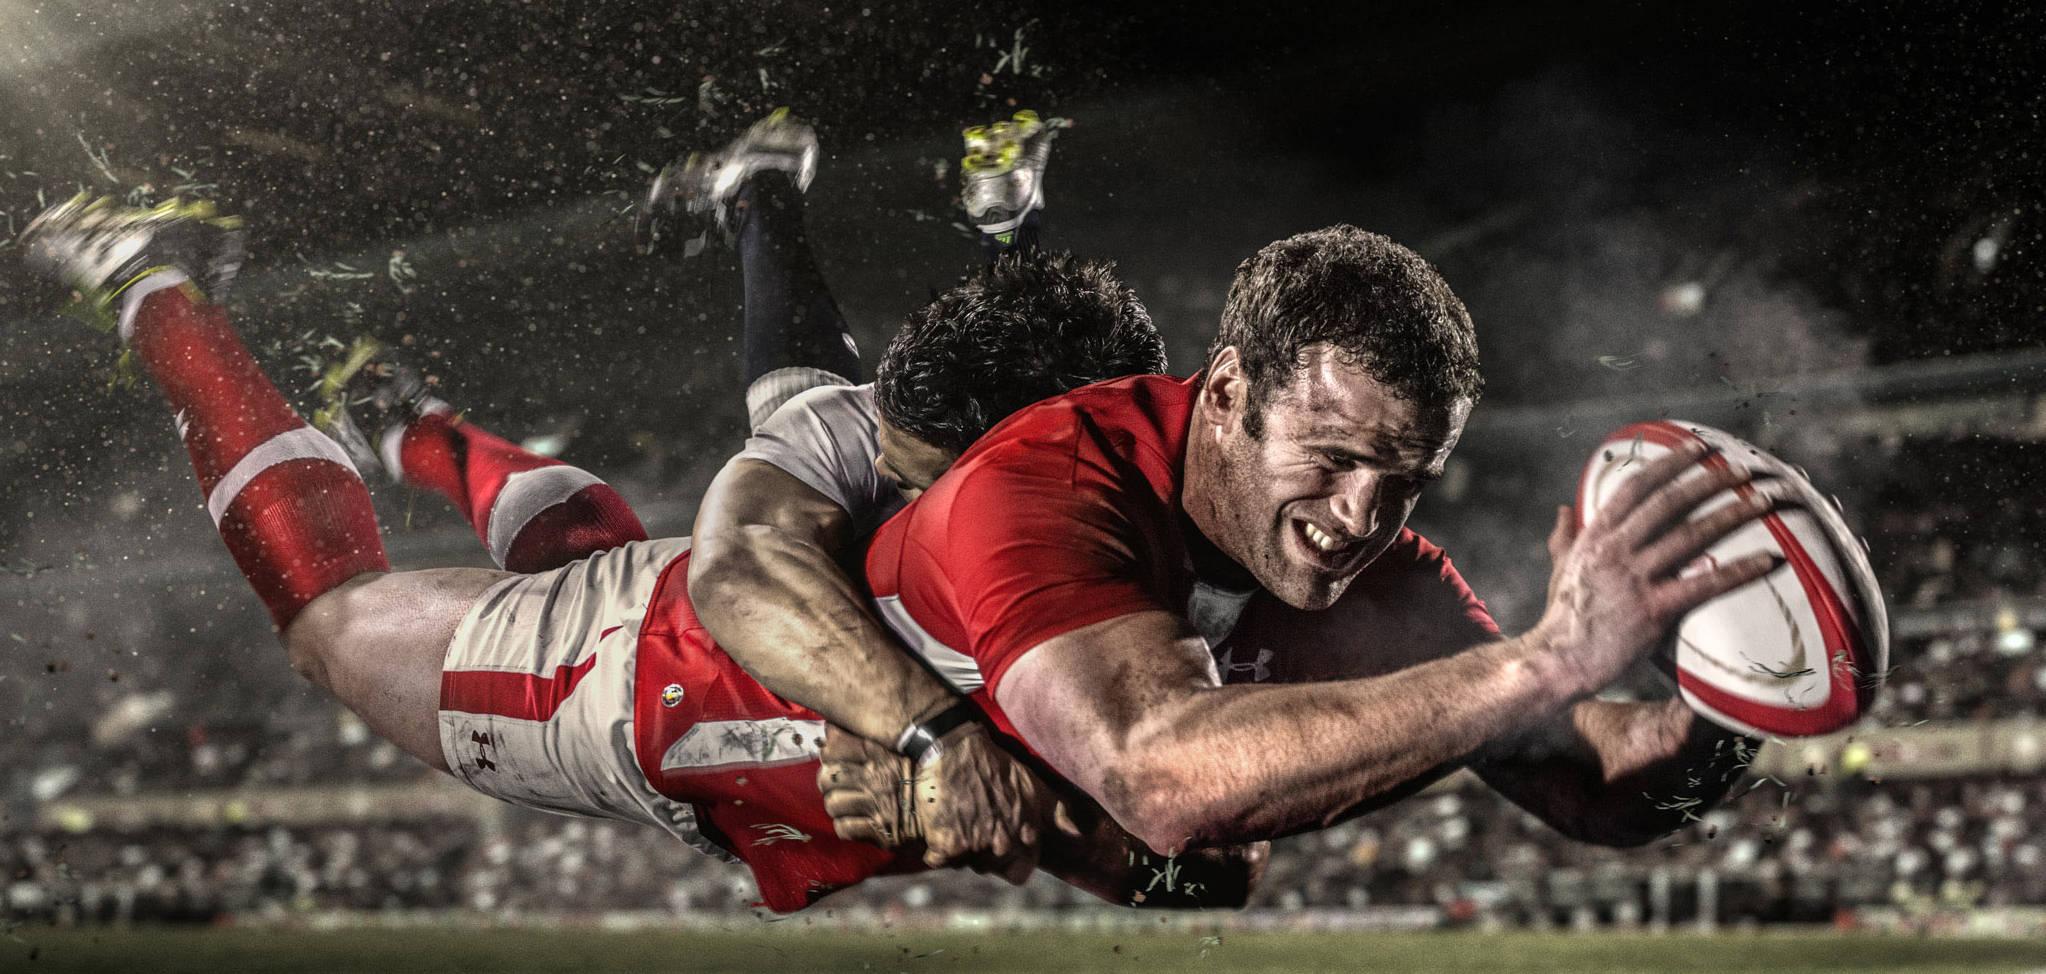 England sports betting keyshia cole new reality show on bet